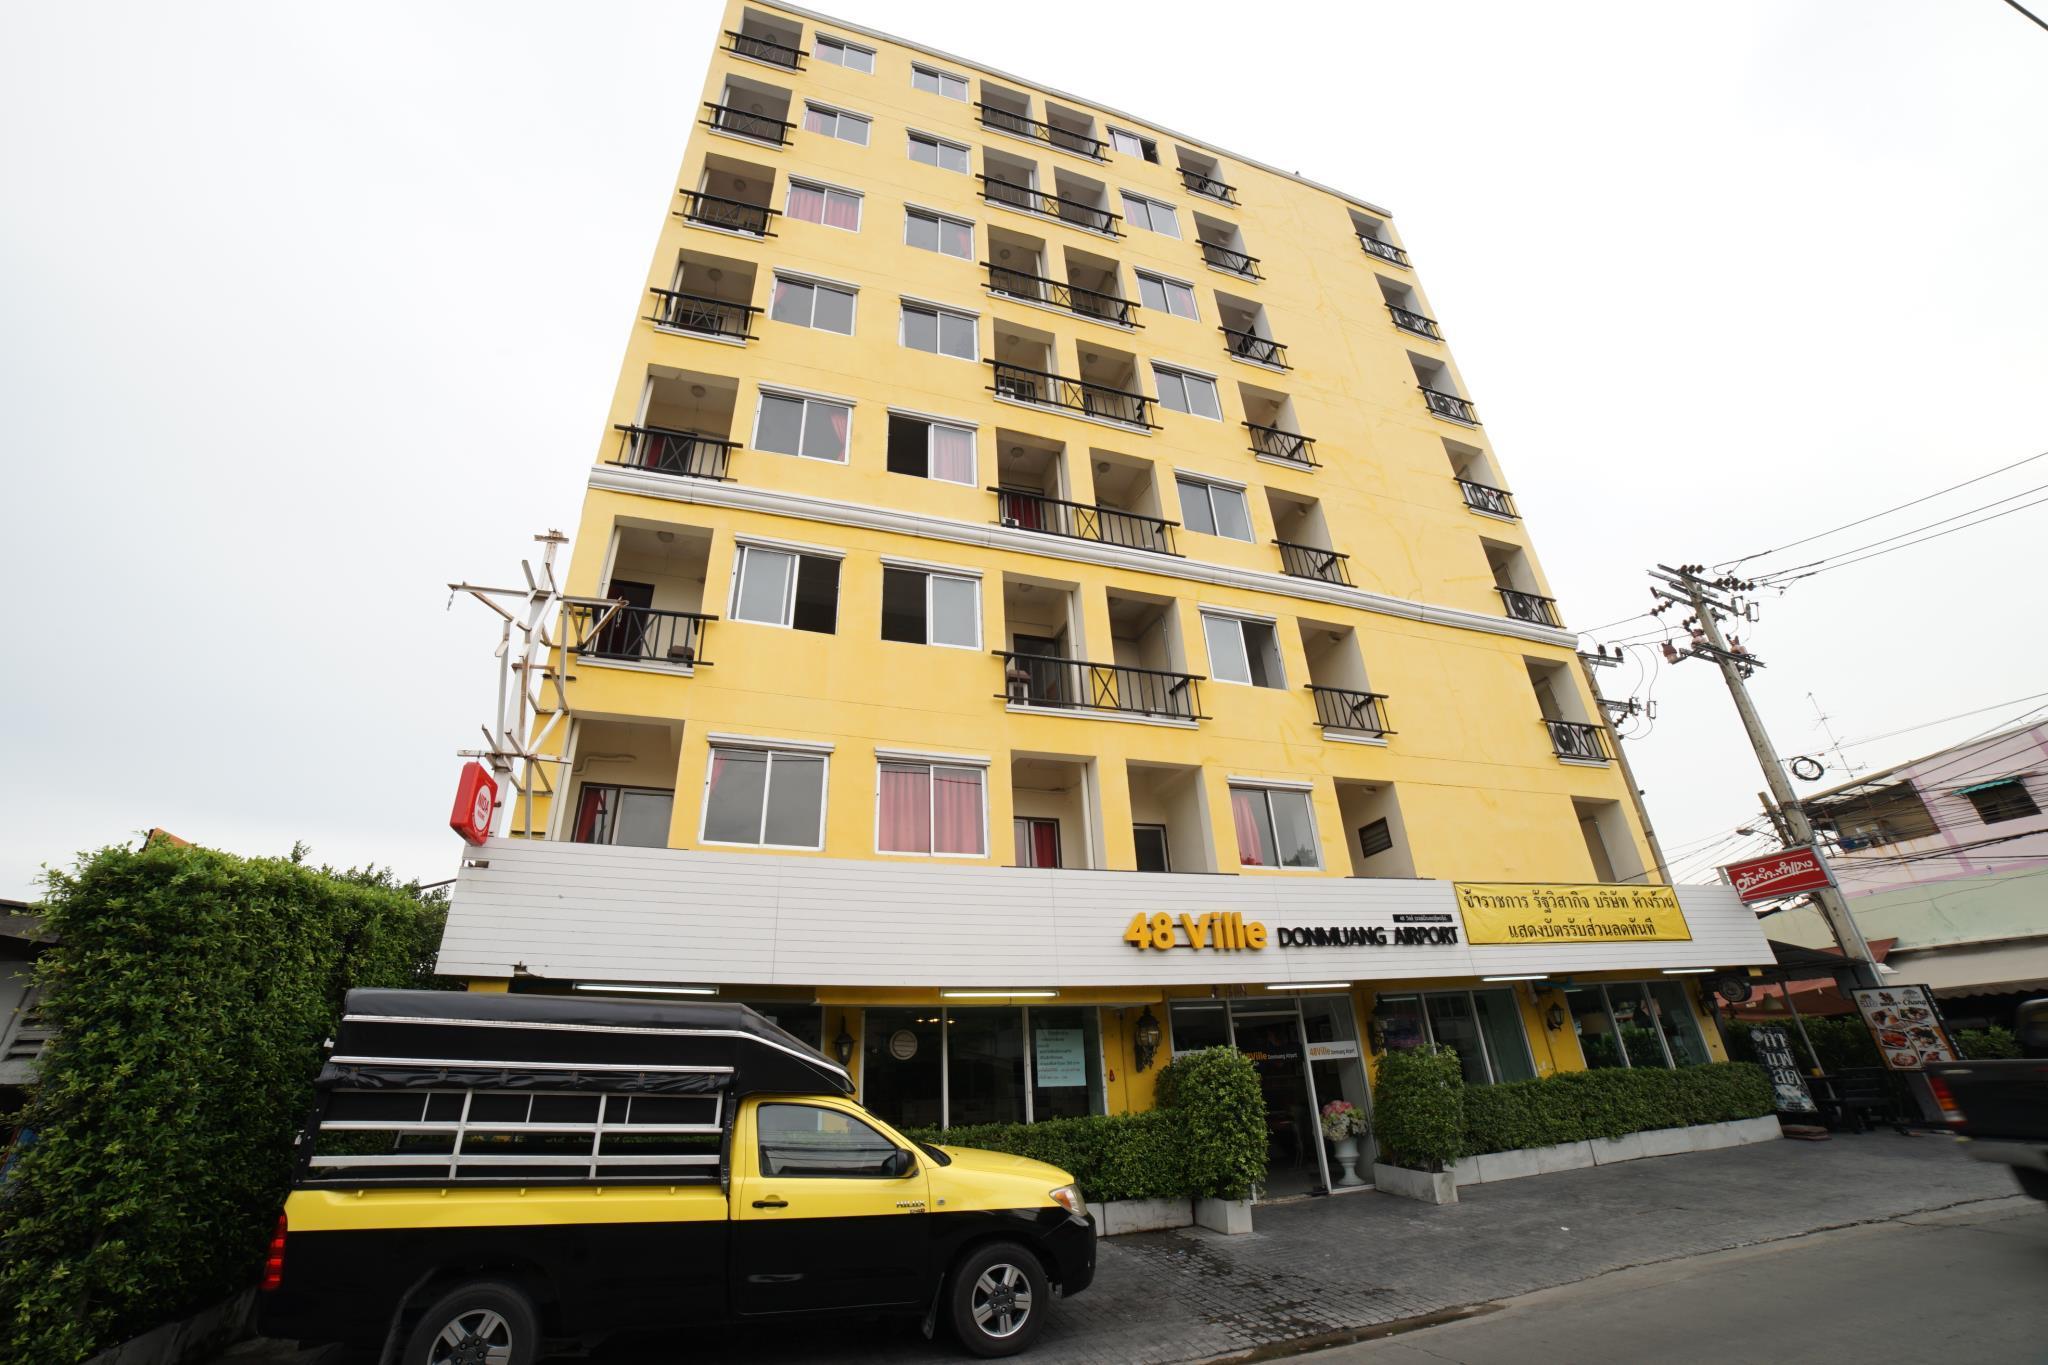 DMK Donmuang Airport Hostel, Bang Khen